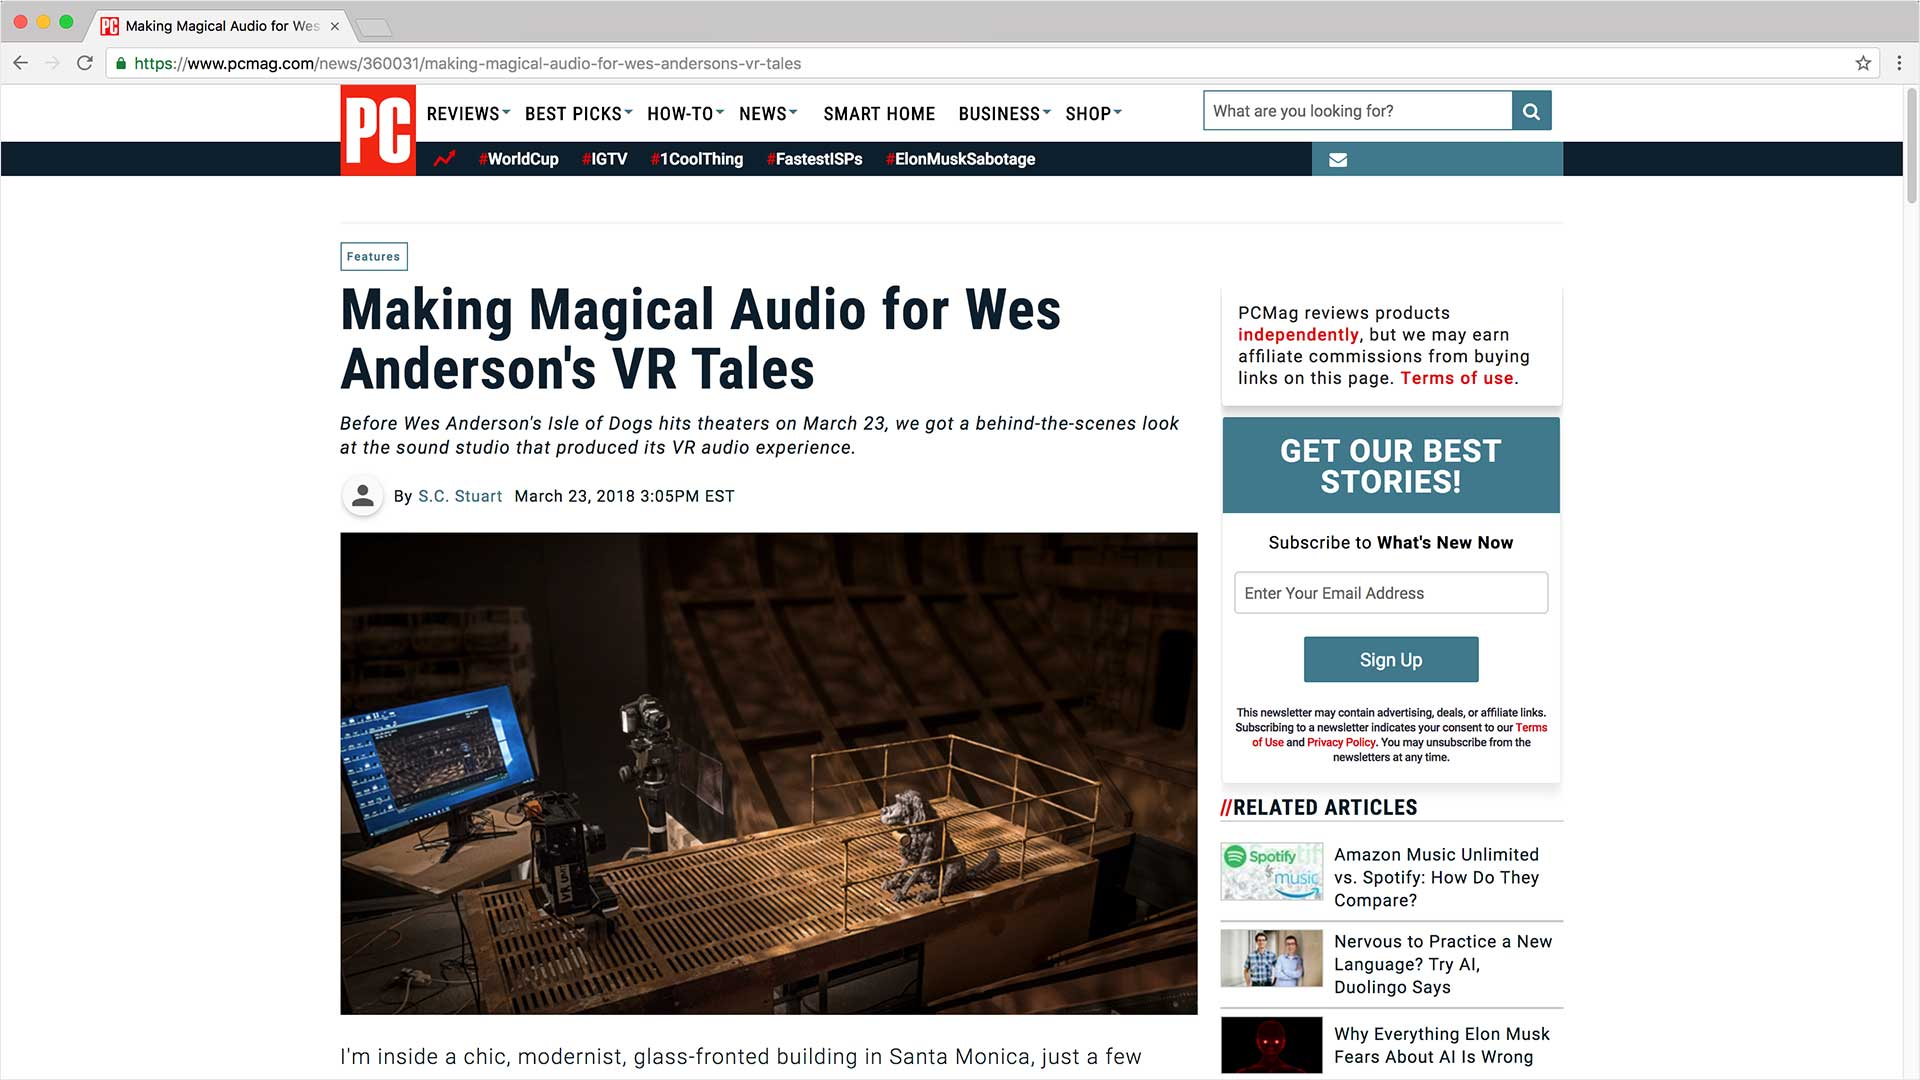 PC Mag article screen grab